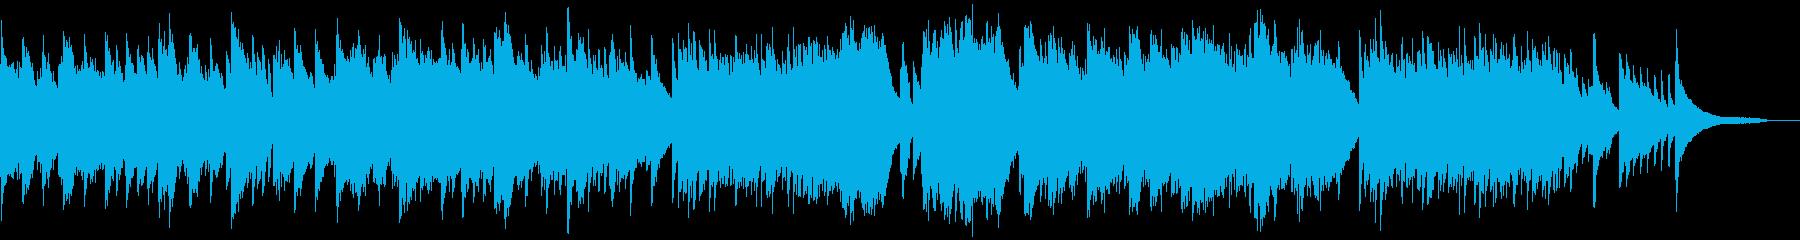 しっとりとした、ムーディーなピアノ・ソロの再生済みの波形